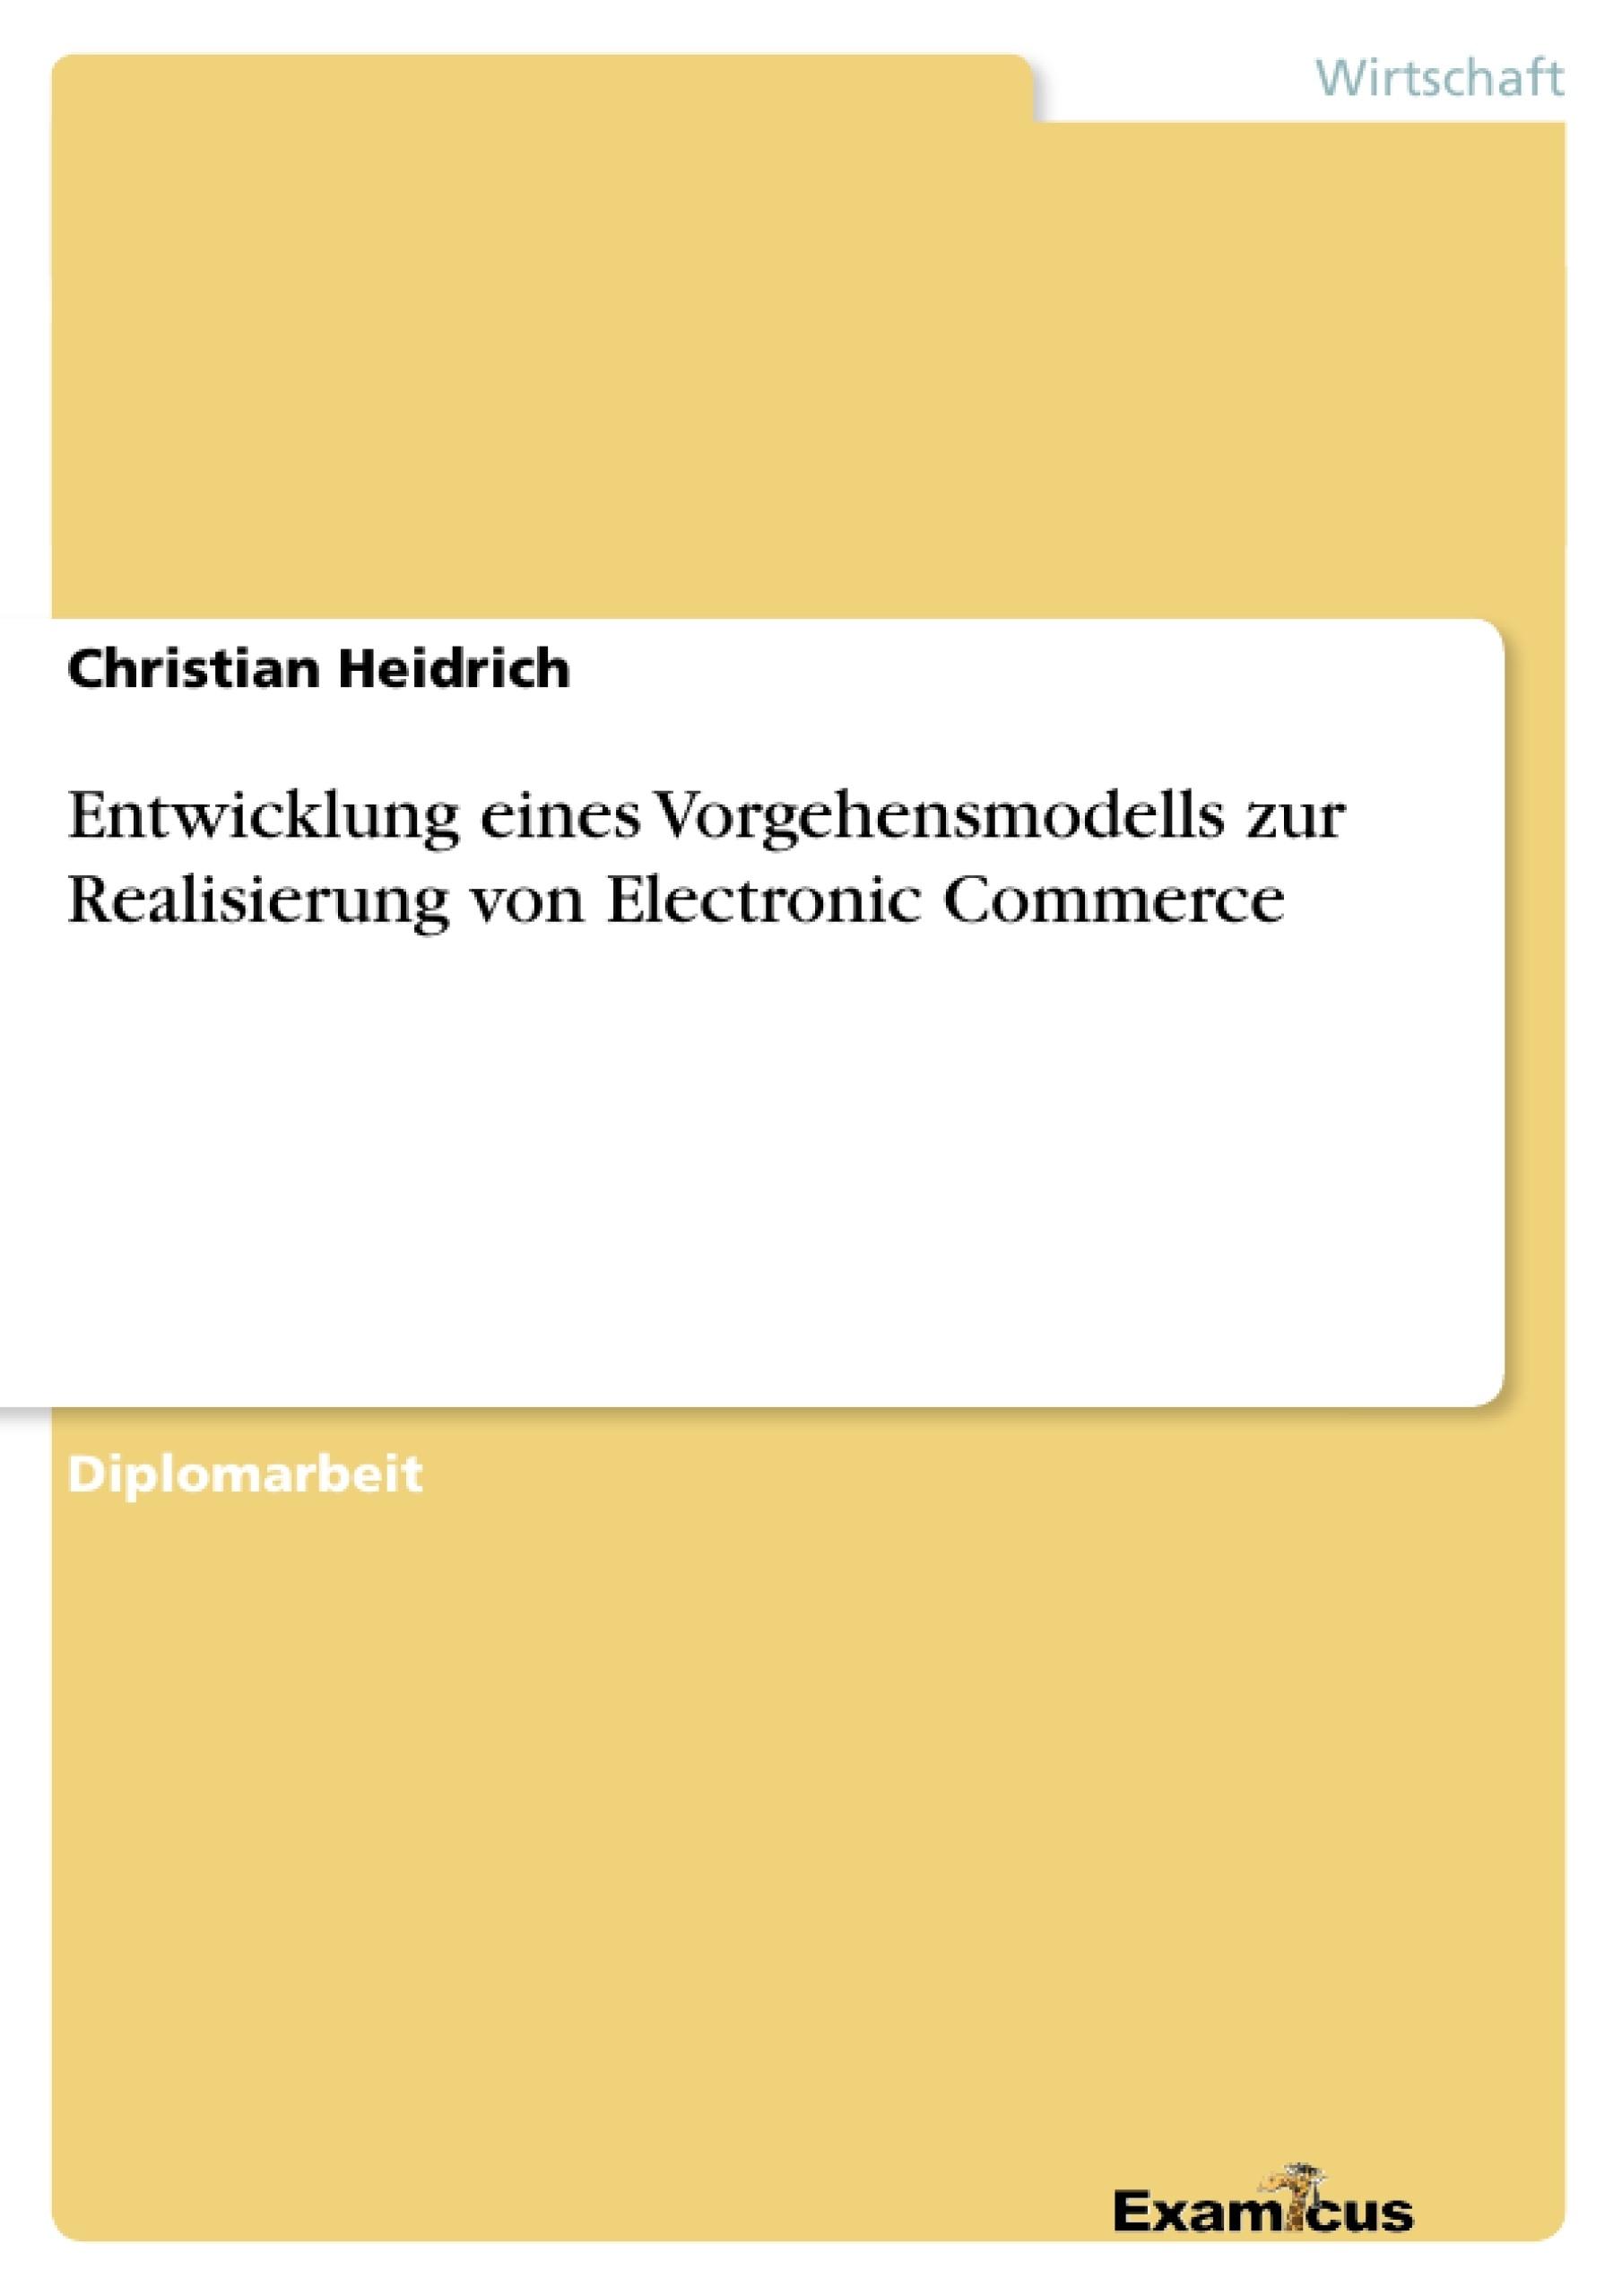 Titel: Entwicklung eines Vorgehensmodells zur Realisierung von Electronic Commerce